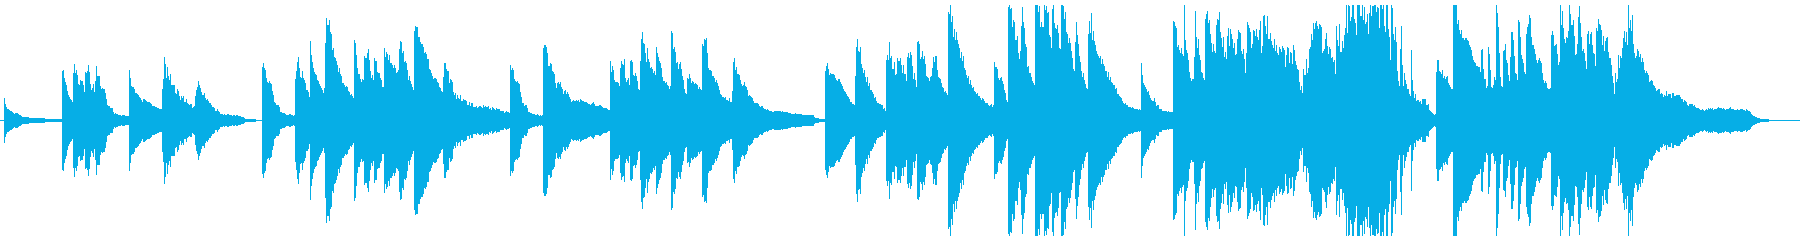 ドビュッシー風 印象派 癒し系ピアノの再生済みの波形